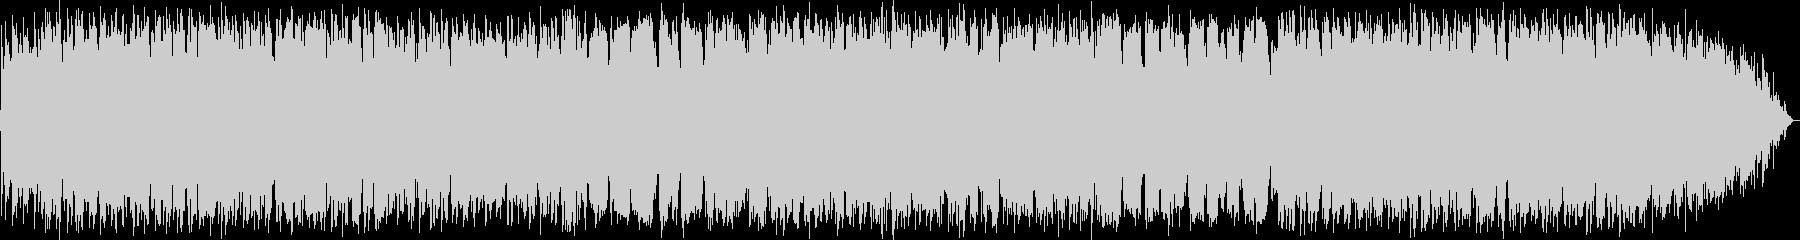 生演奏のケーナのメロディのヒーリング音楽の未再生の波形